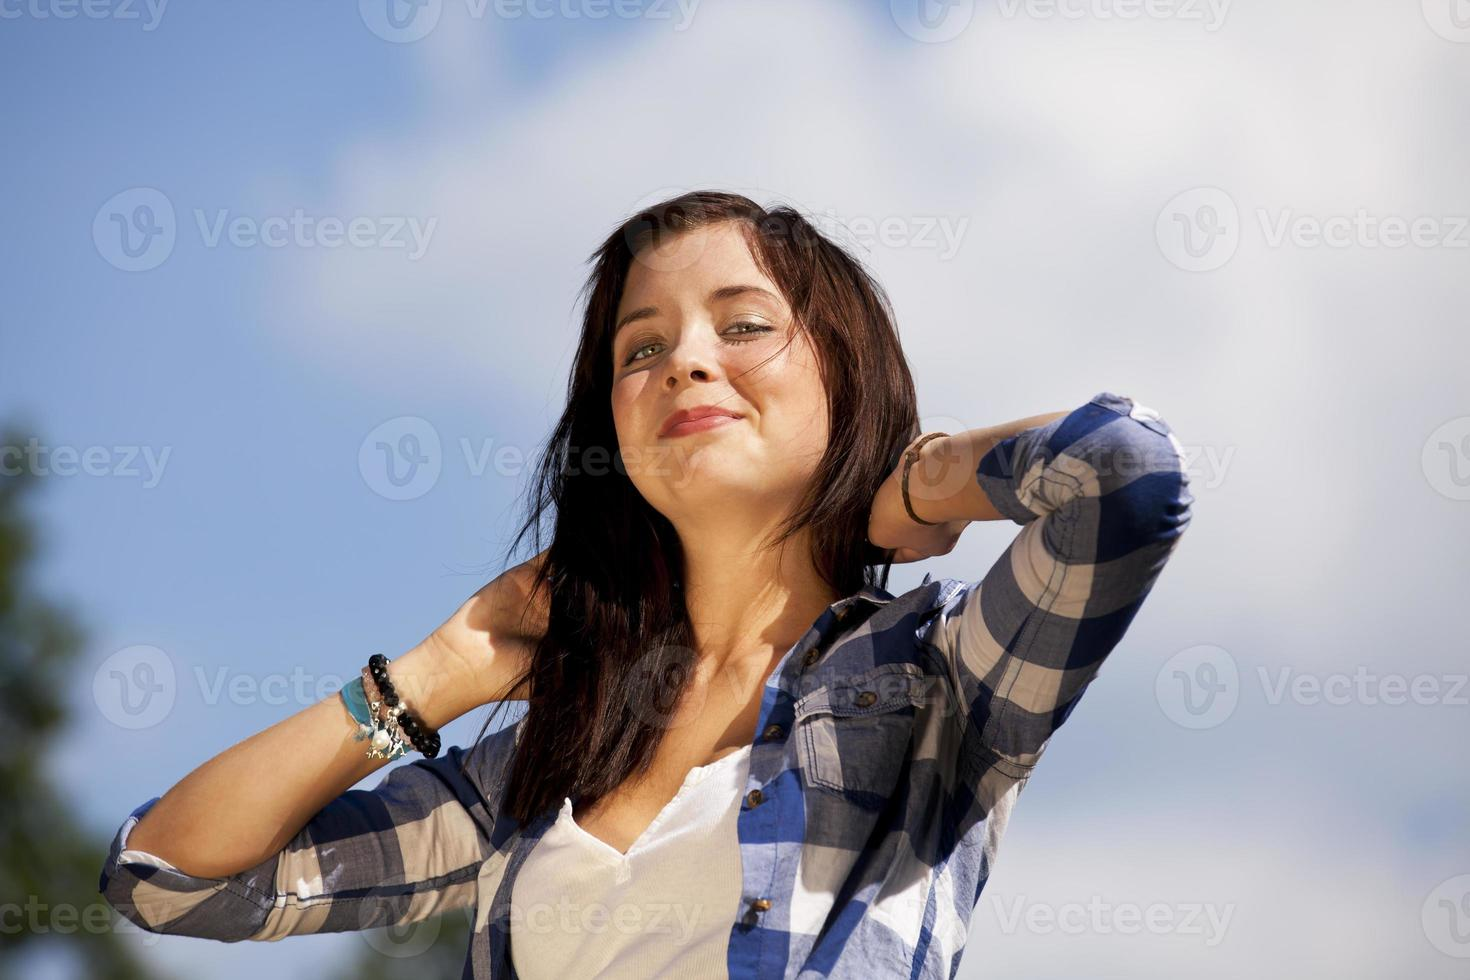 belle adolescente brune souriante photo